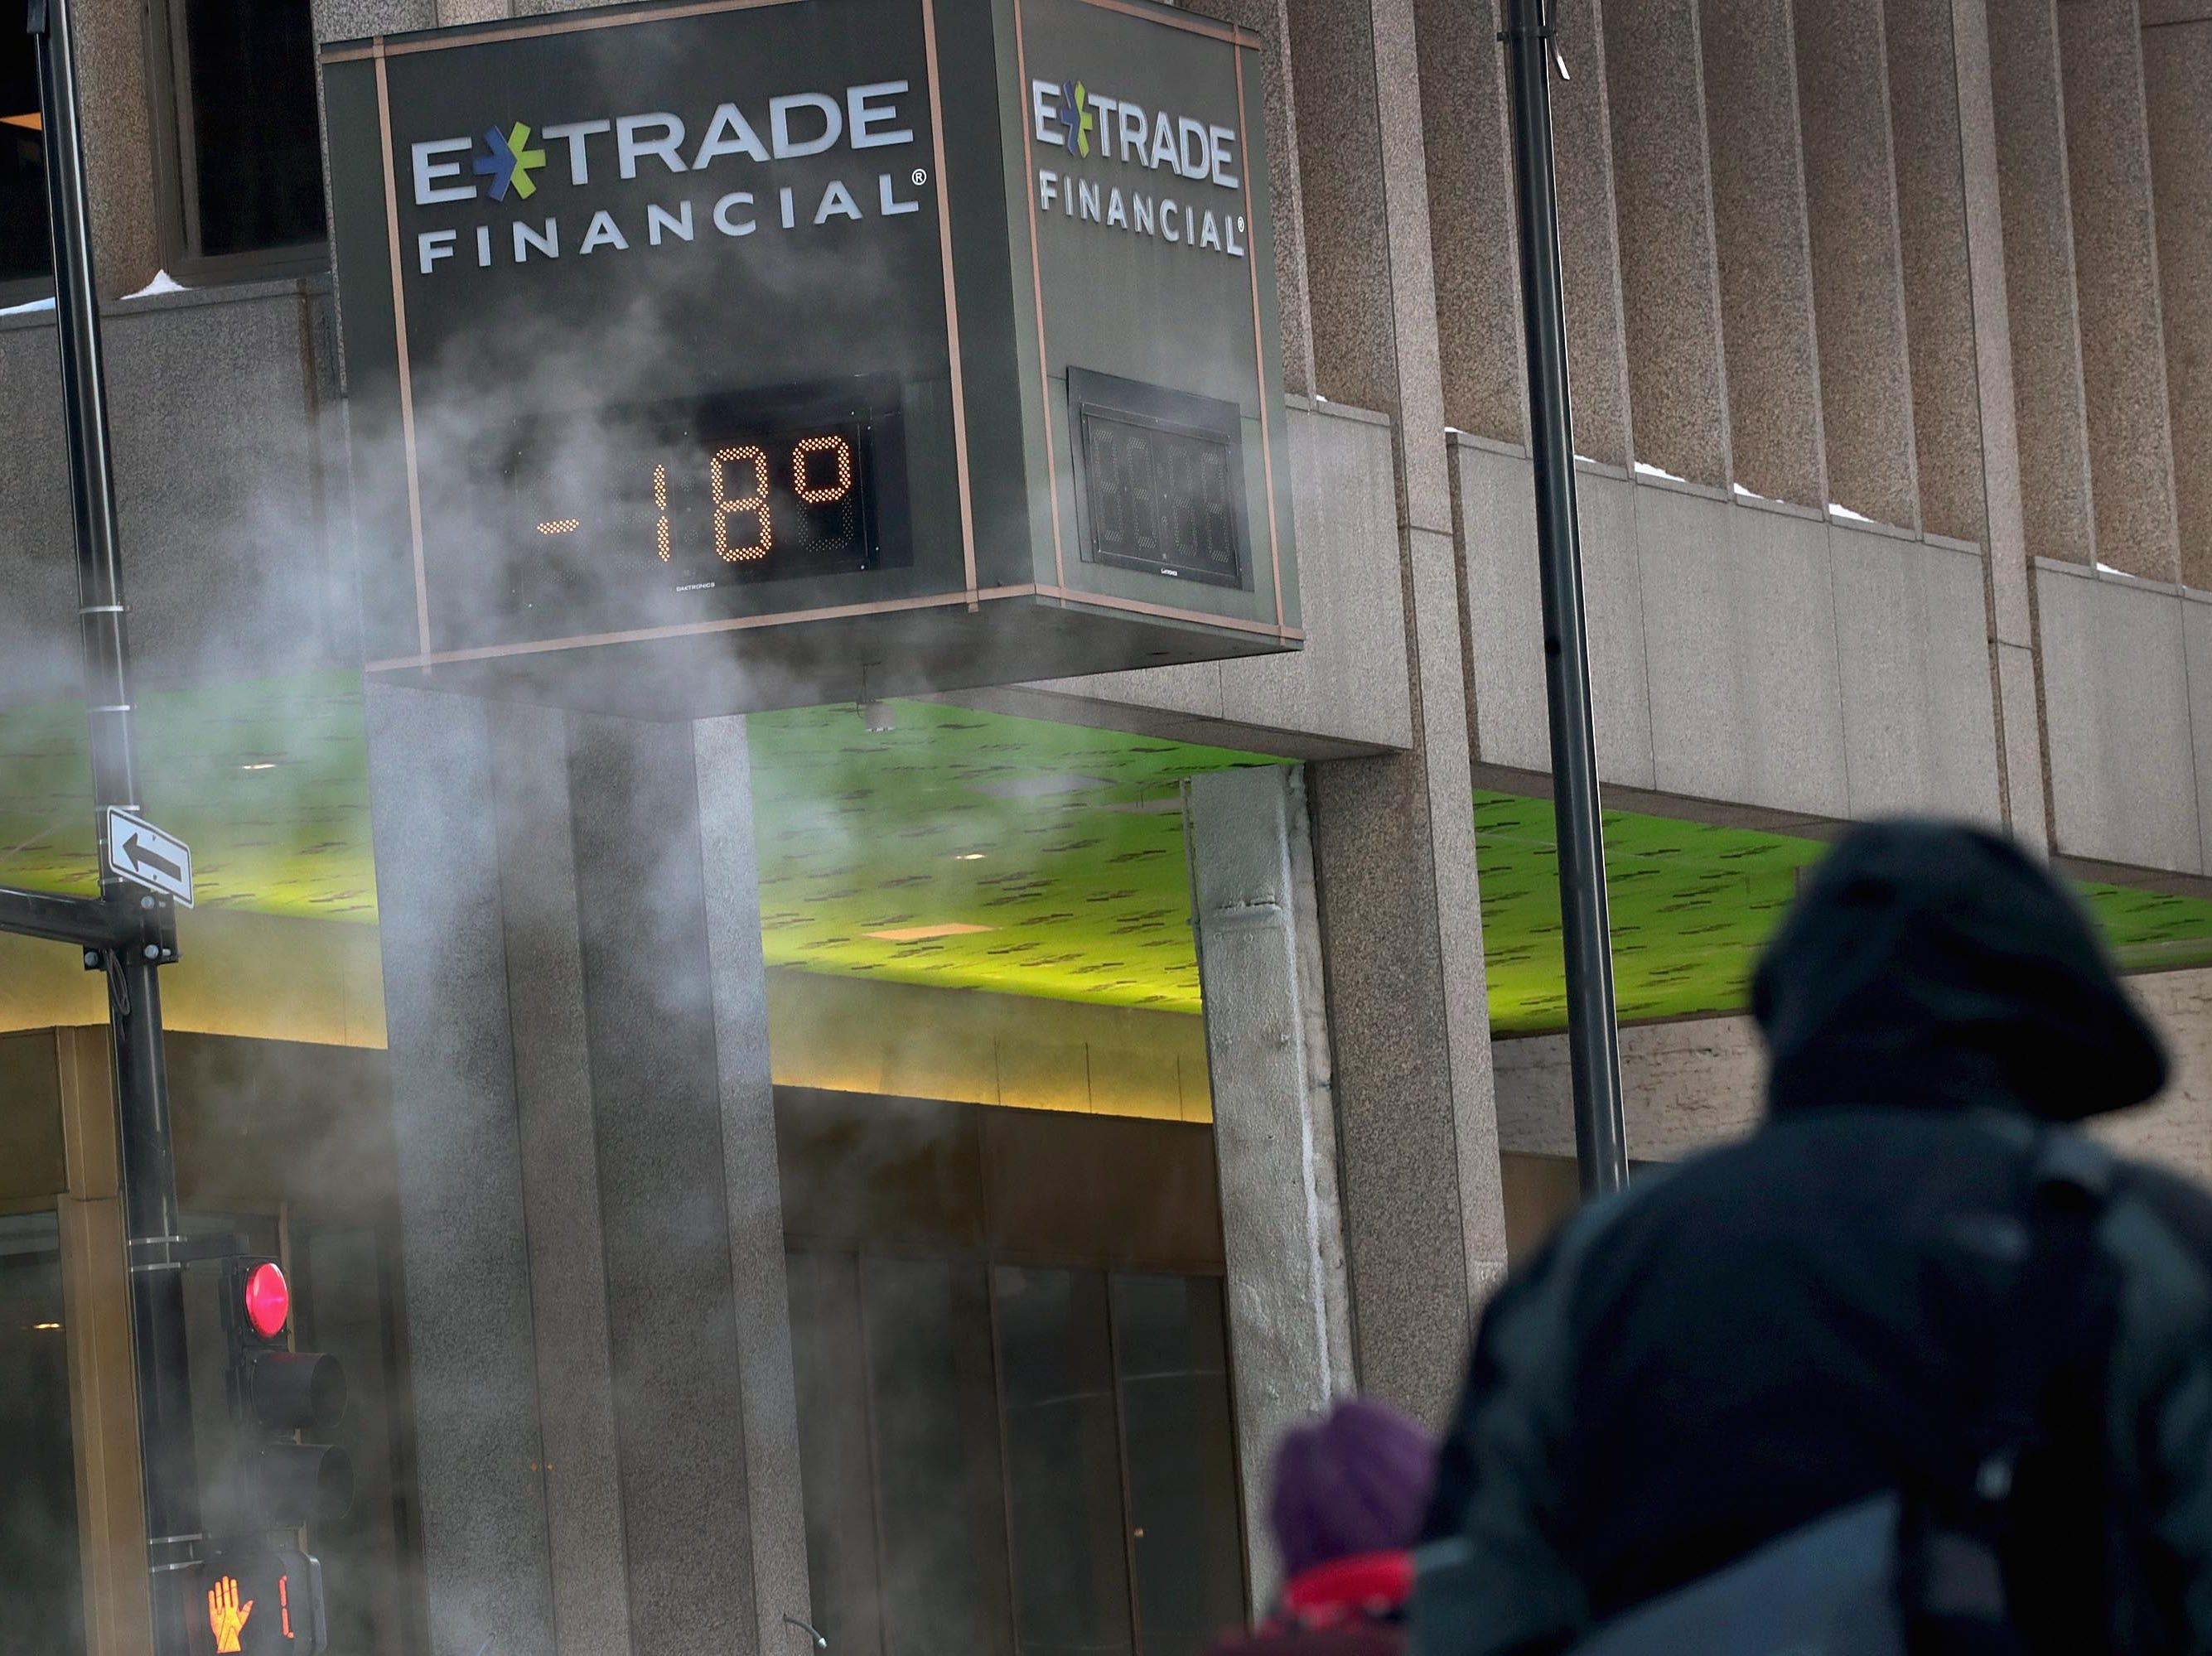 Un transeunte camina cerca de un termómetro que registra -18 grados en el circuito el 30 de enero de 2019 en Chicago, Illinois.